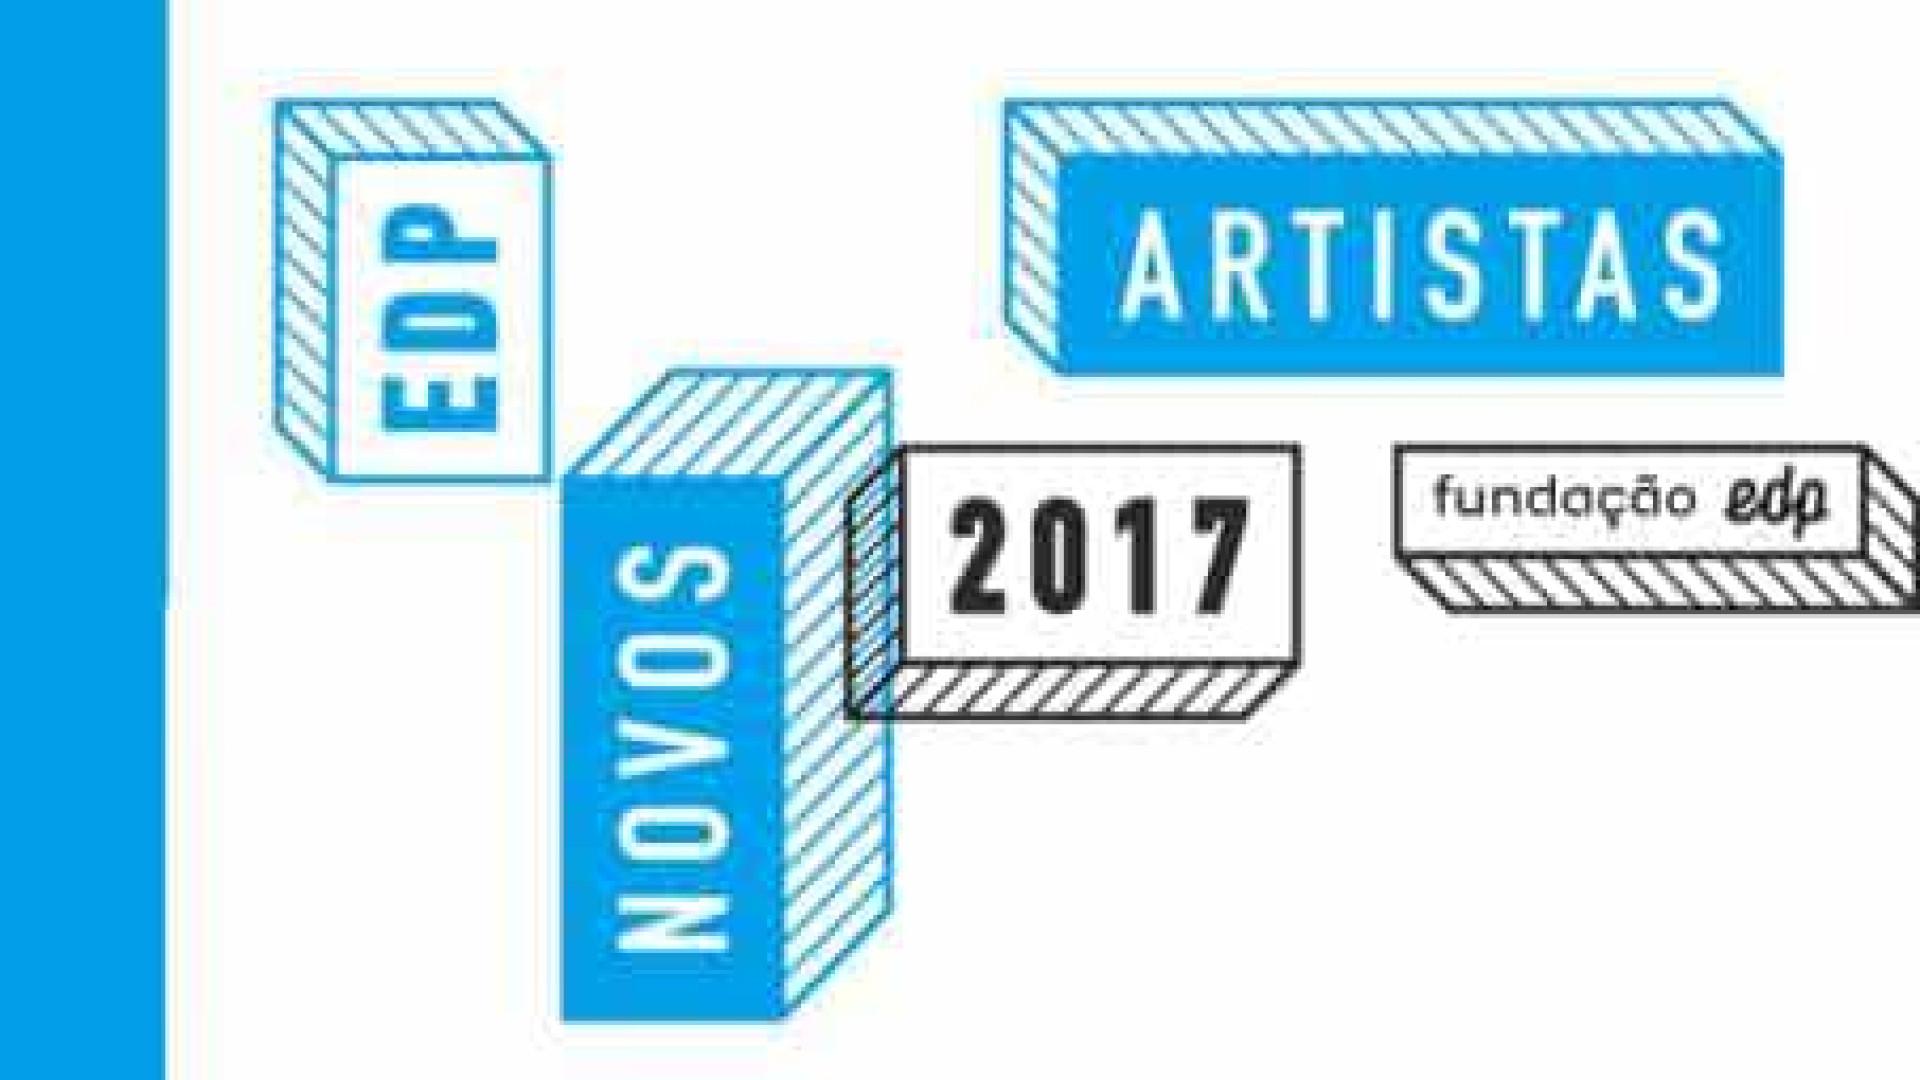 Claire de Santa Coloma vence Prémio Novos Artistas Fundação EDP